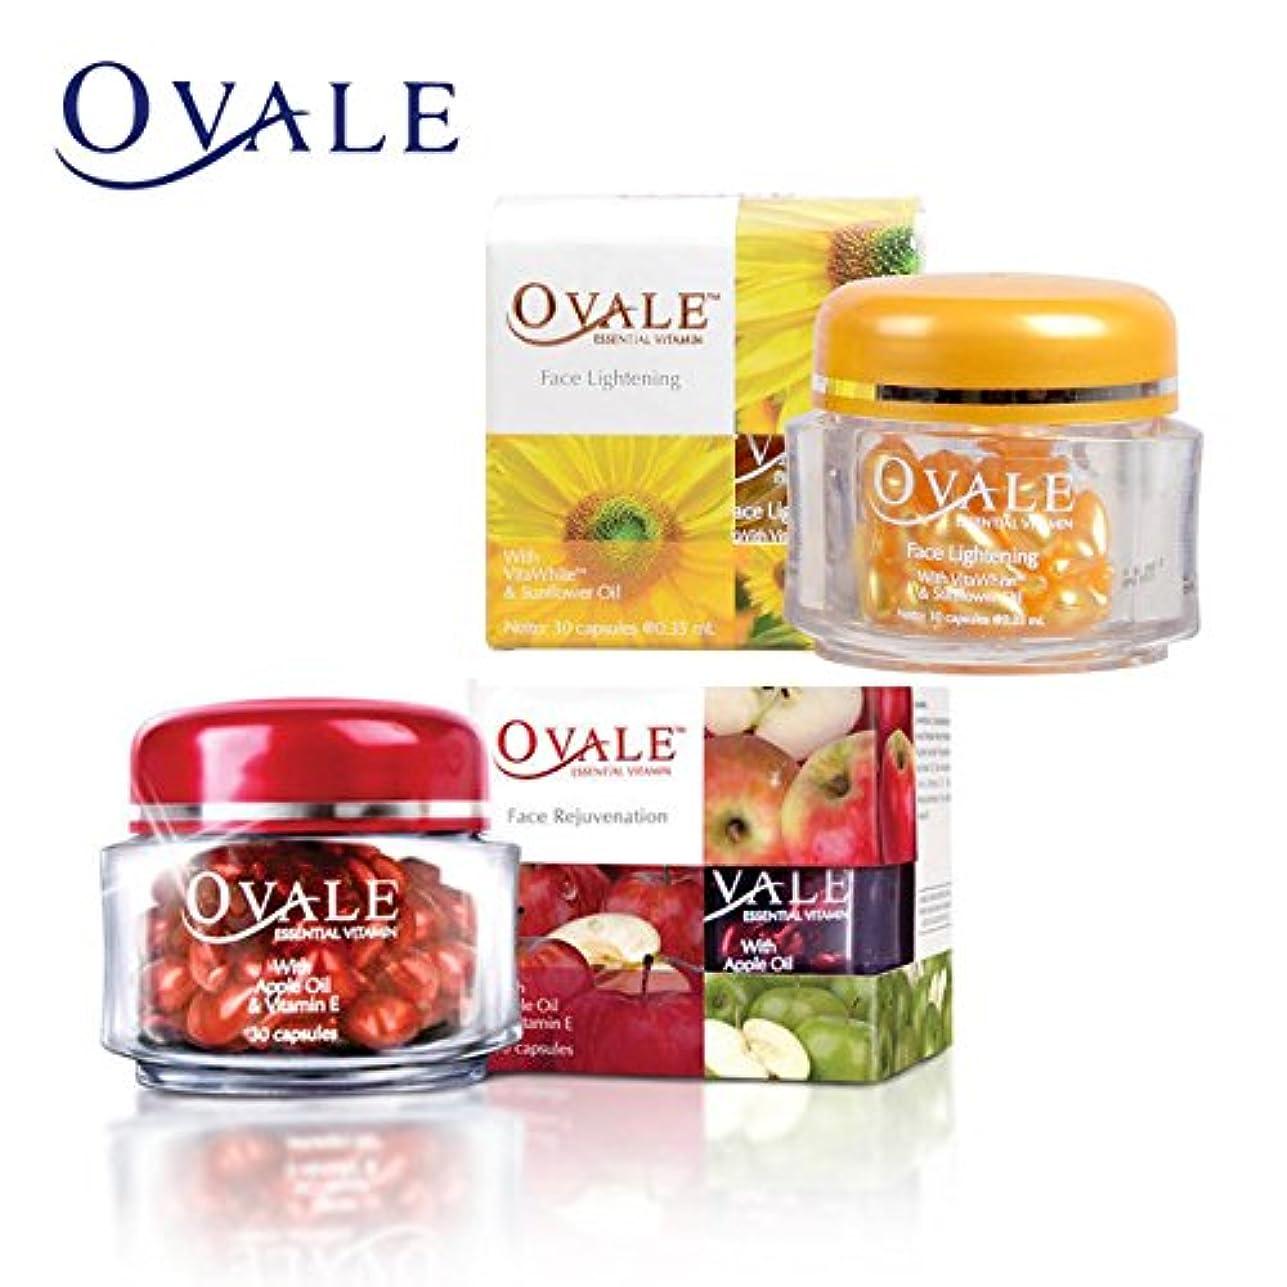 ダイエット権限不完全Ovale オーバル フェイシャル美容液 essential vitamin エッセンシャルビタミン 30粒入ボトル×5個 アップル [海外直送品]